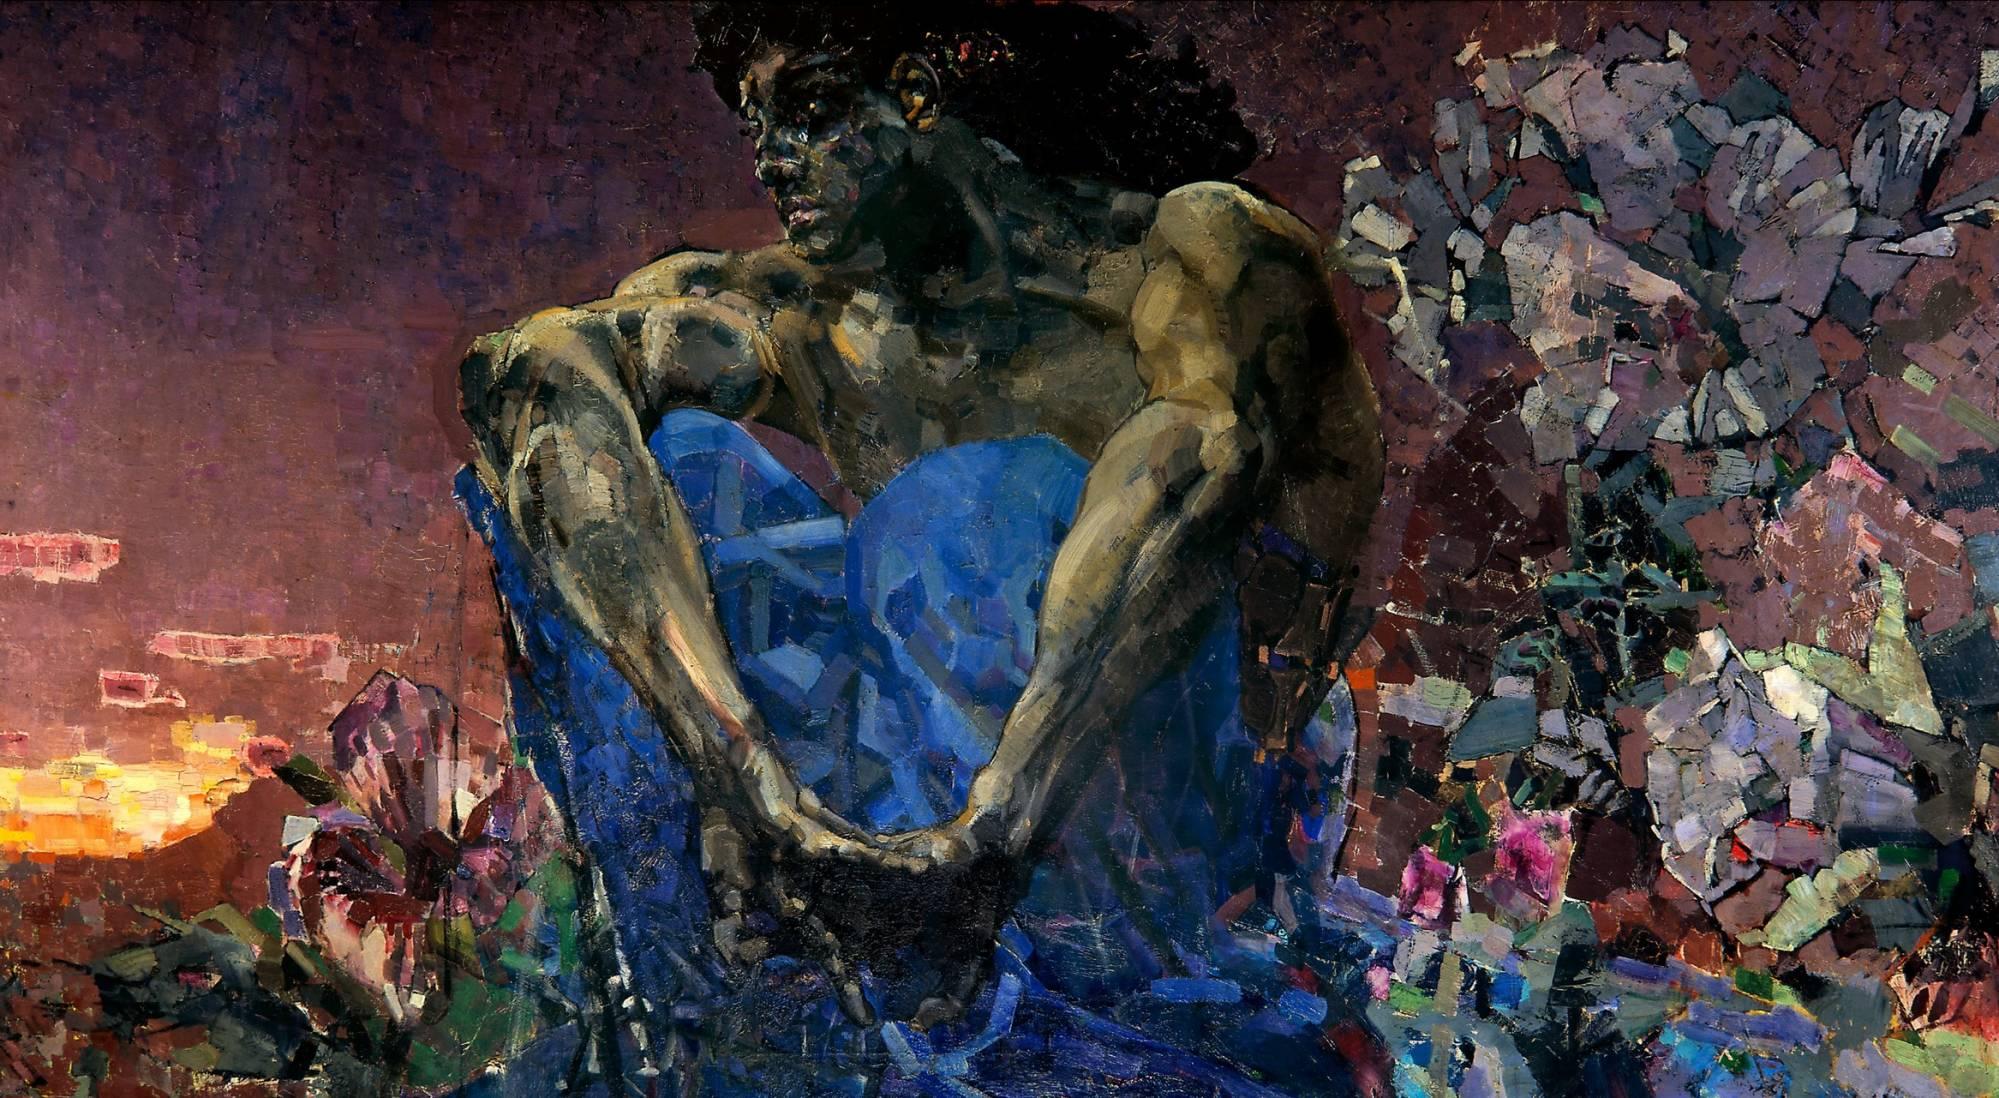 Демон сидящий :: Врубель М.А. - Врубель Михаил Александрович ( Vrubel Michail ) фото